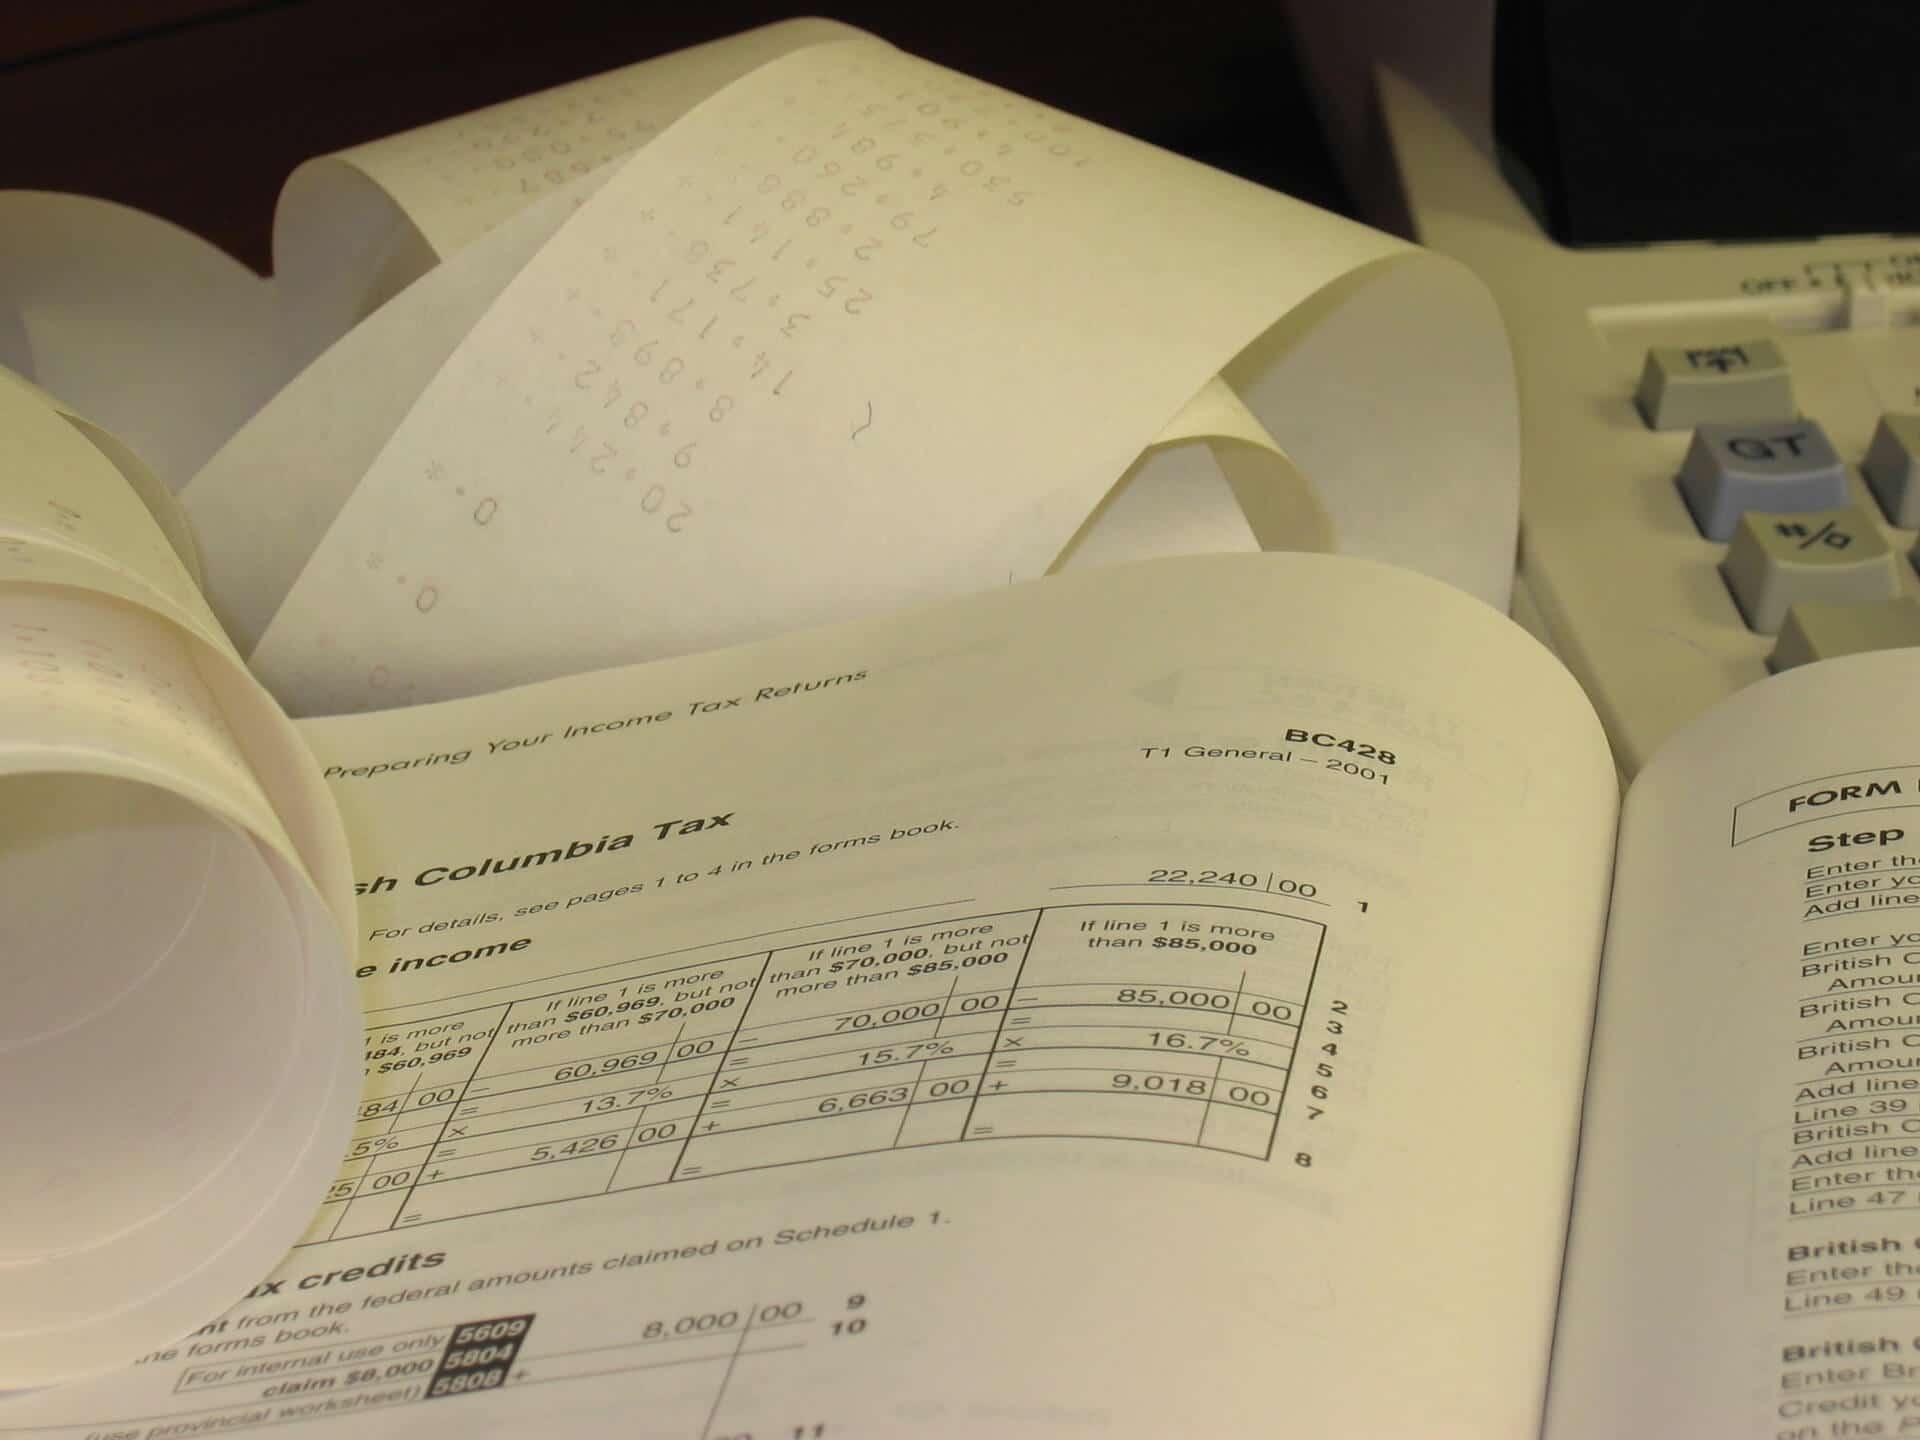 Zmiany w rachunkowości 2016